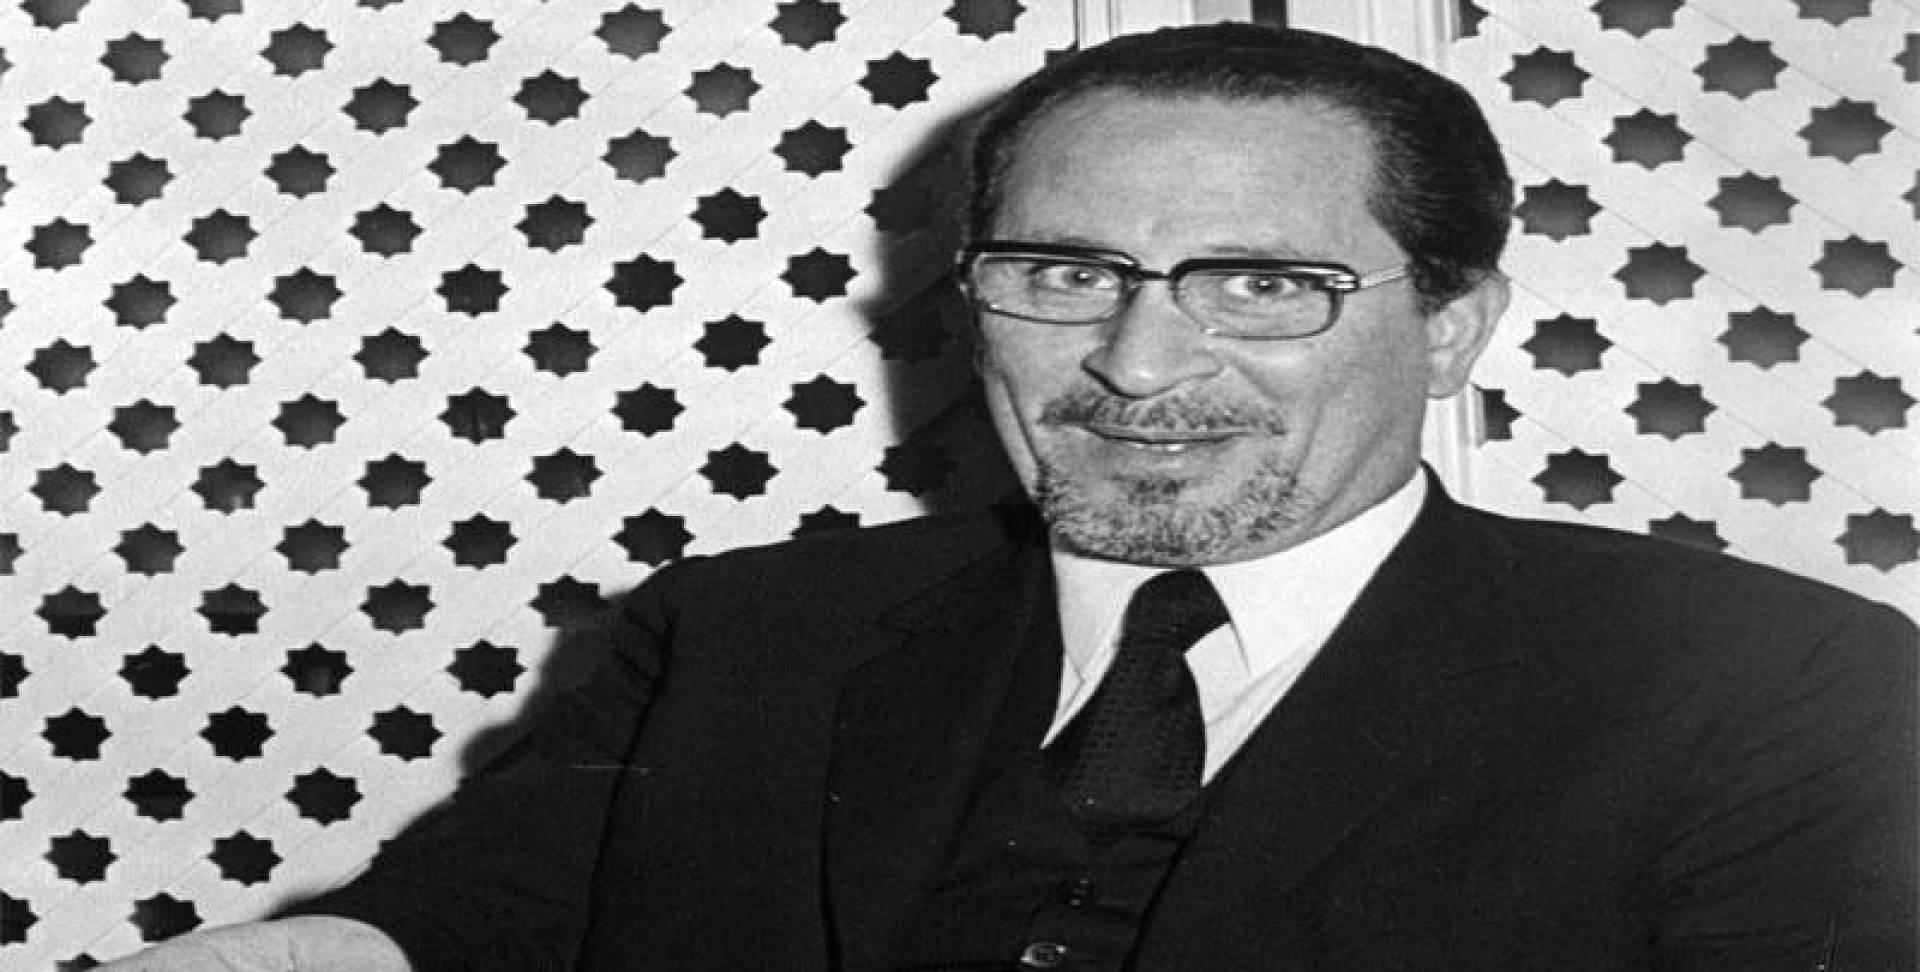 الدكتور محمد حسن التهامي الأمين العام للمؤتمر الإسلامي.. أرشيفية